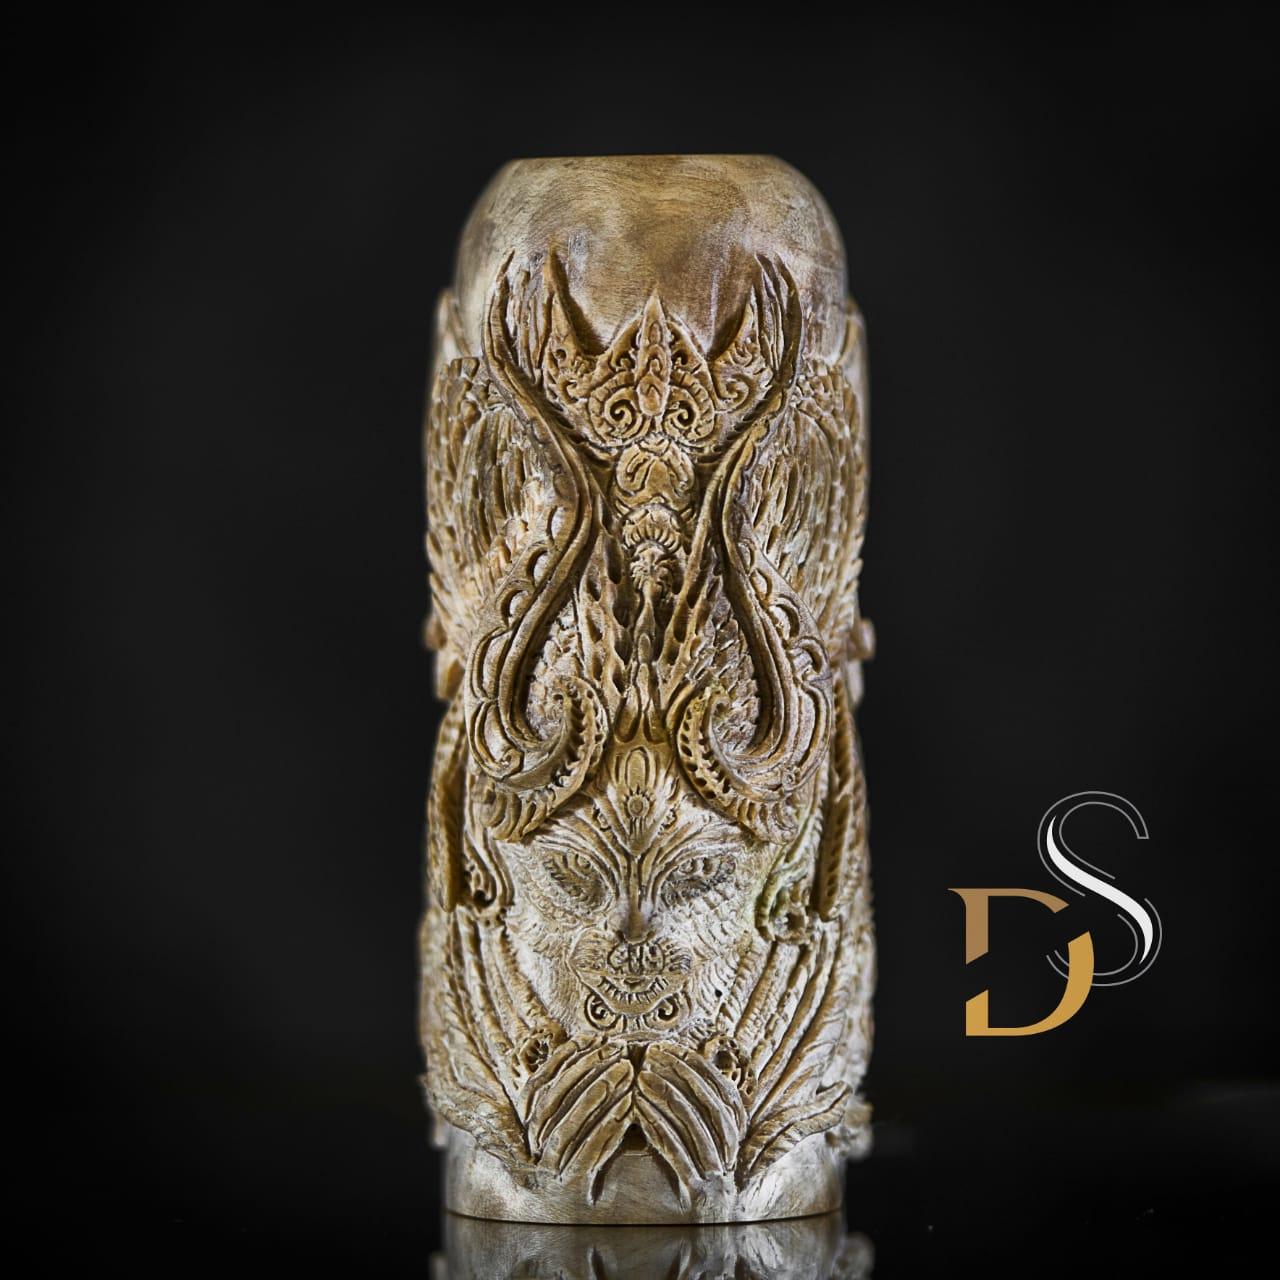 Raksasa - Temple Edition - DNA75